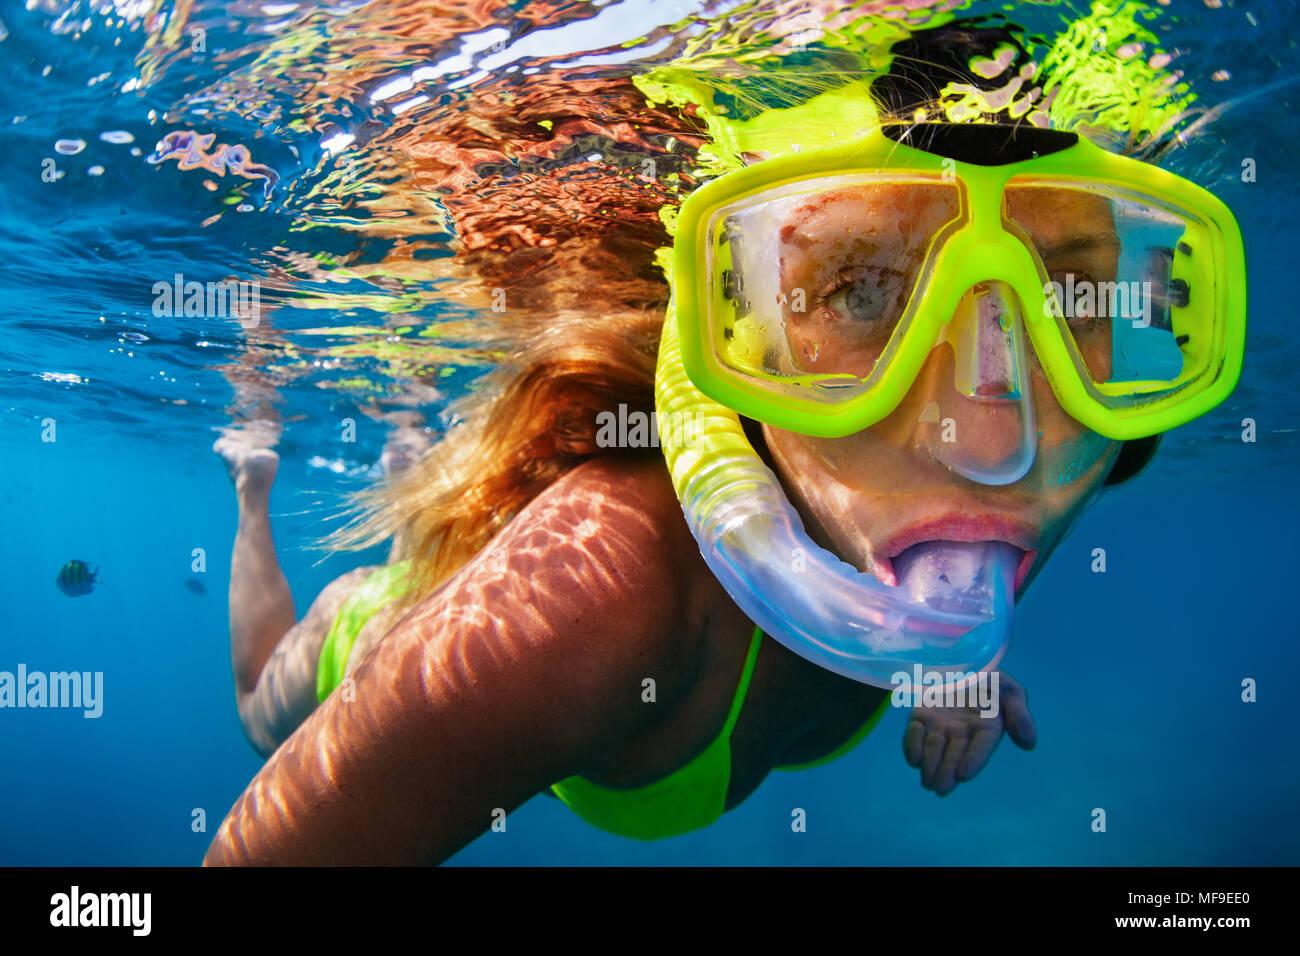 Feliz, la niña en el esnórquel Máscara submarina de buceo con peces tropicales de arrecifes de coral mar piscina. Estilo de vida viajes, deportes acuáticos, aventuras al aire libre, piscina Imagen De Stock